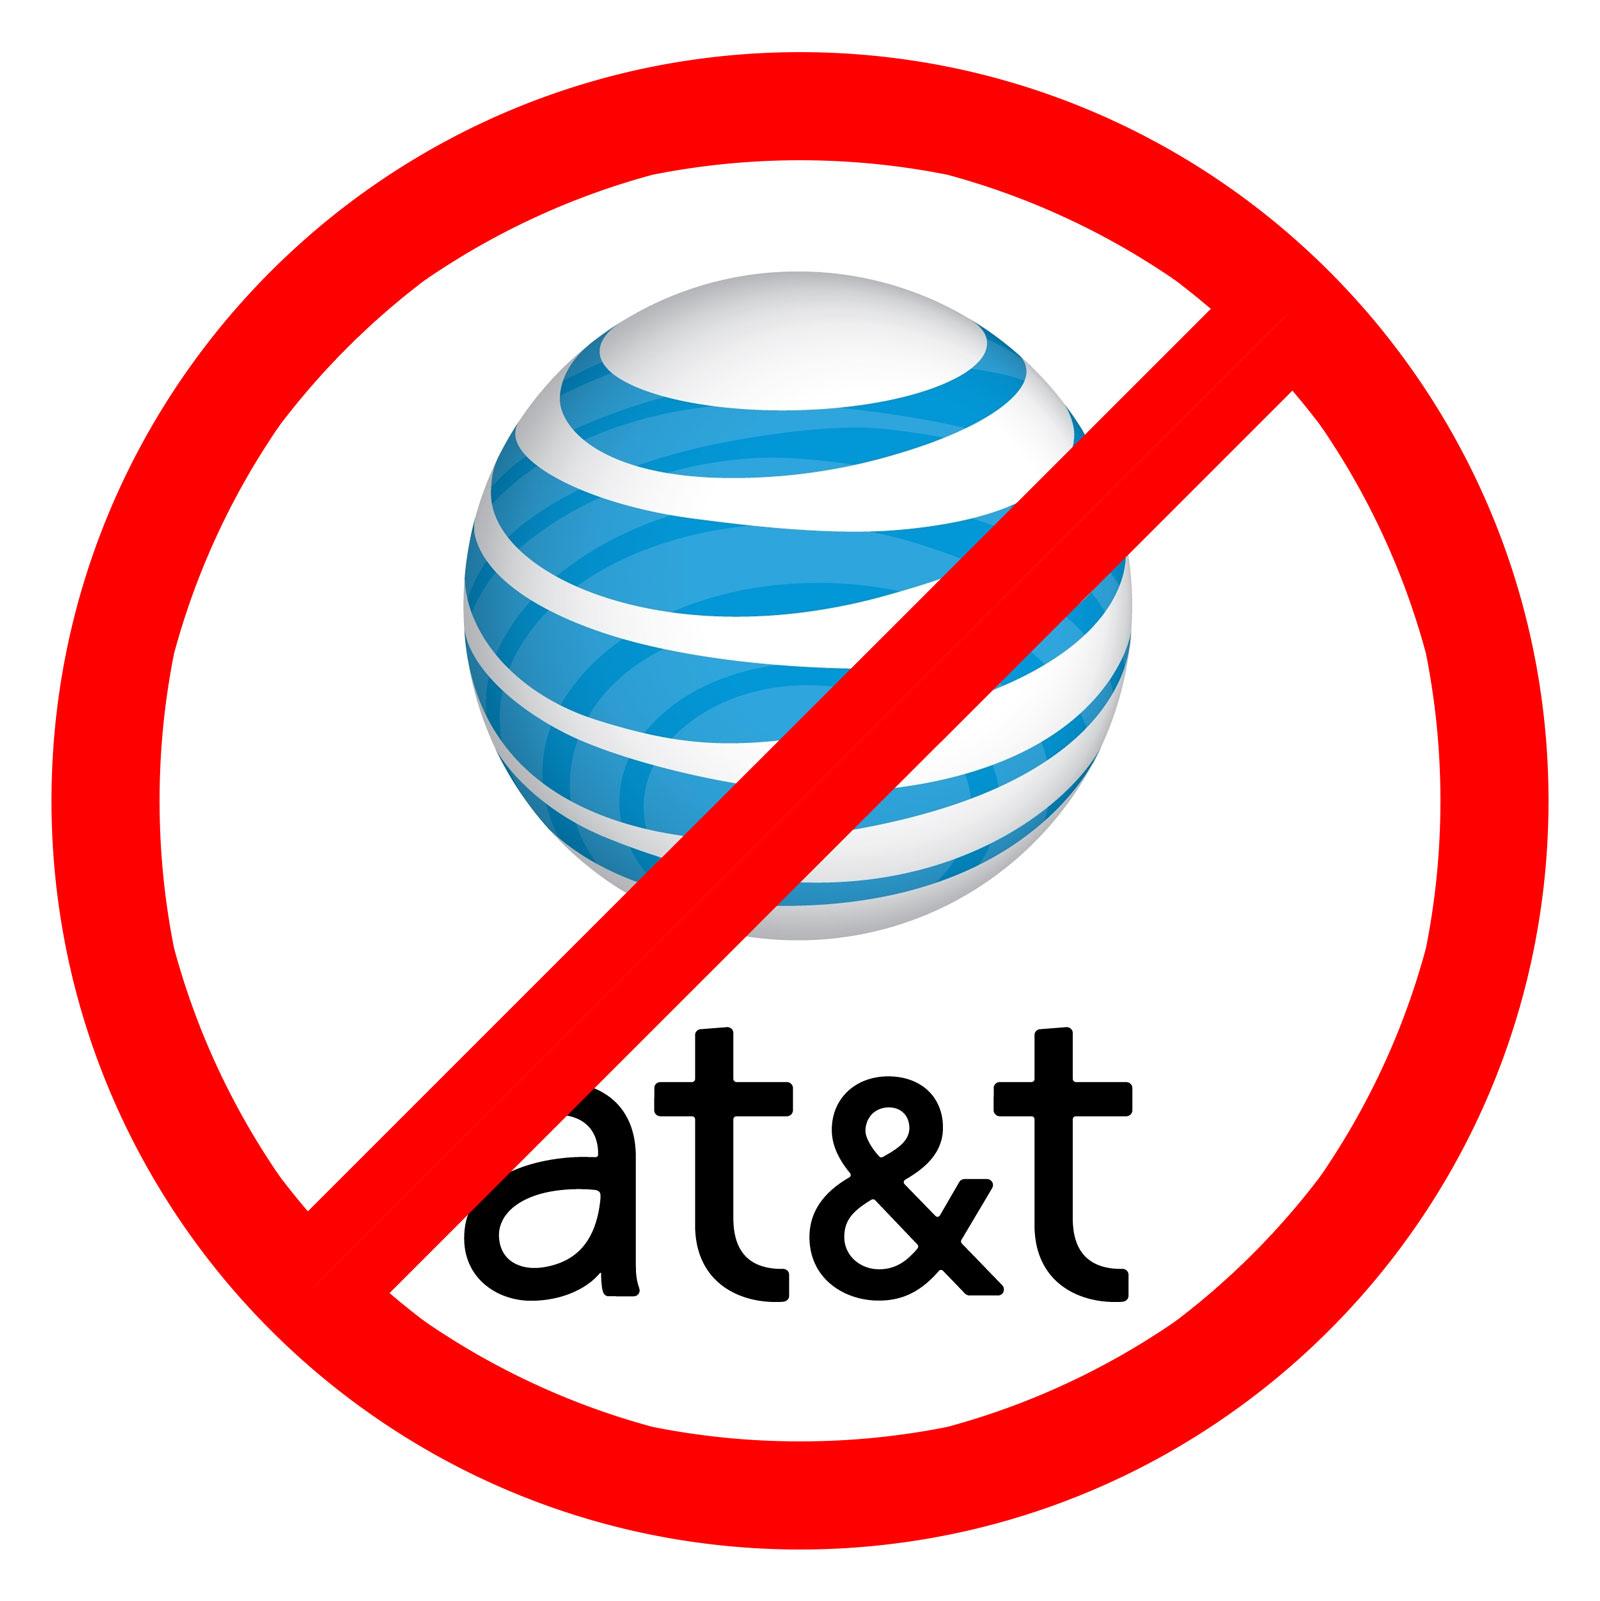 No to AT&T